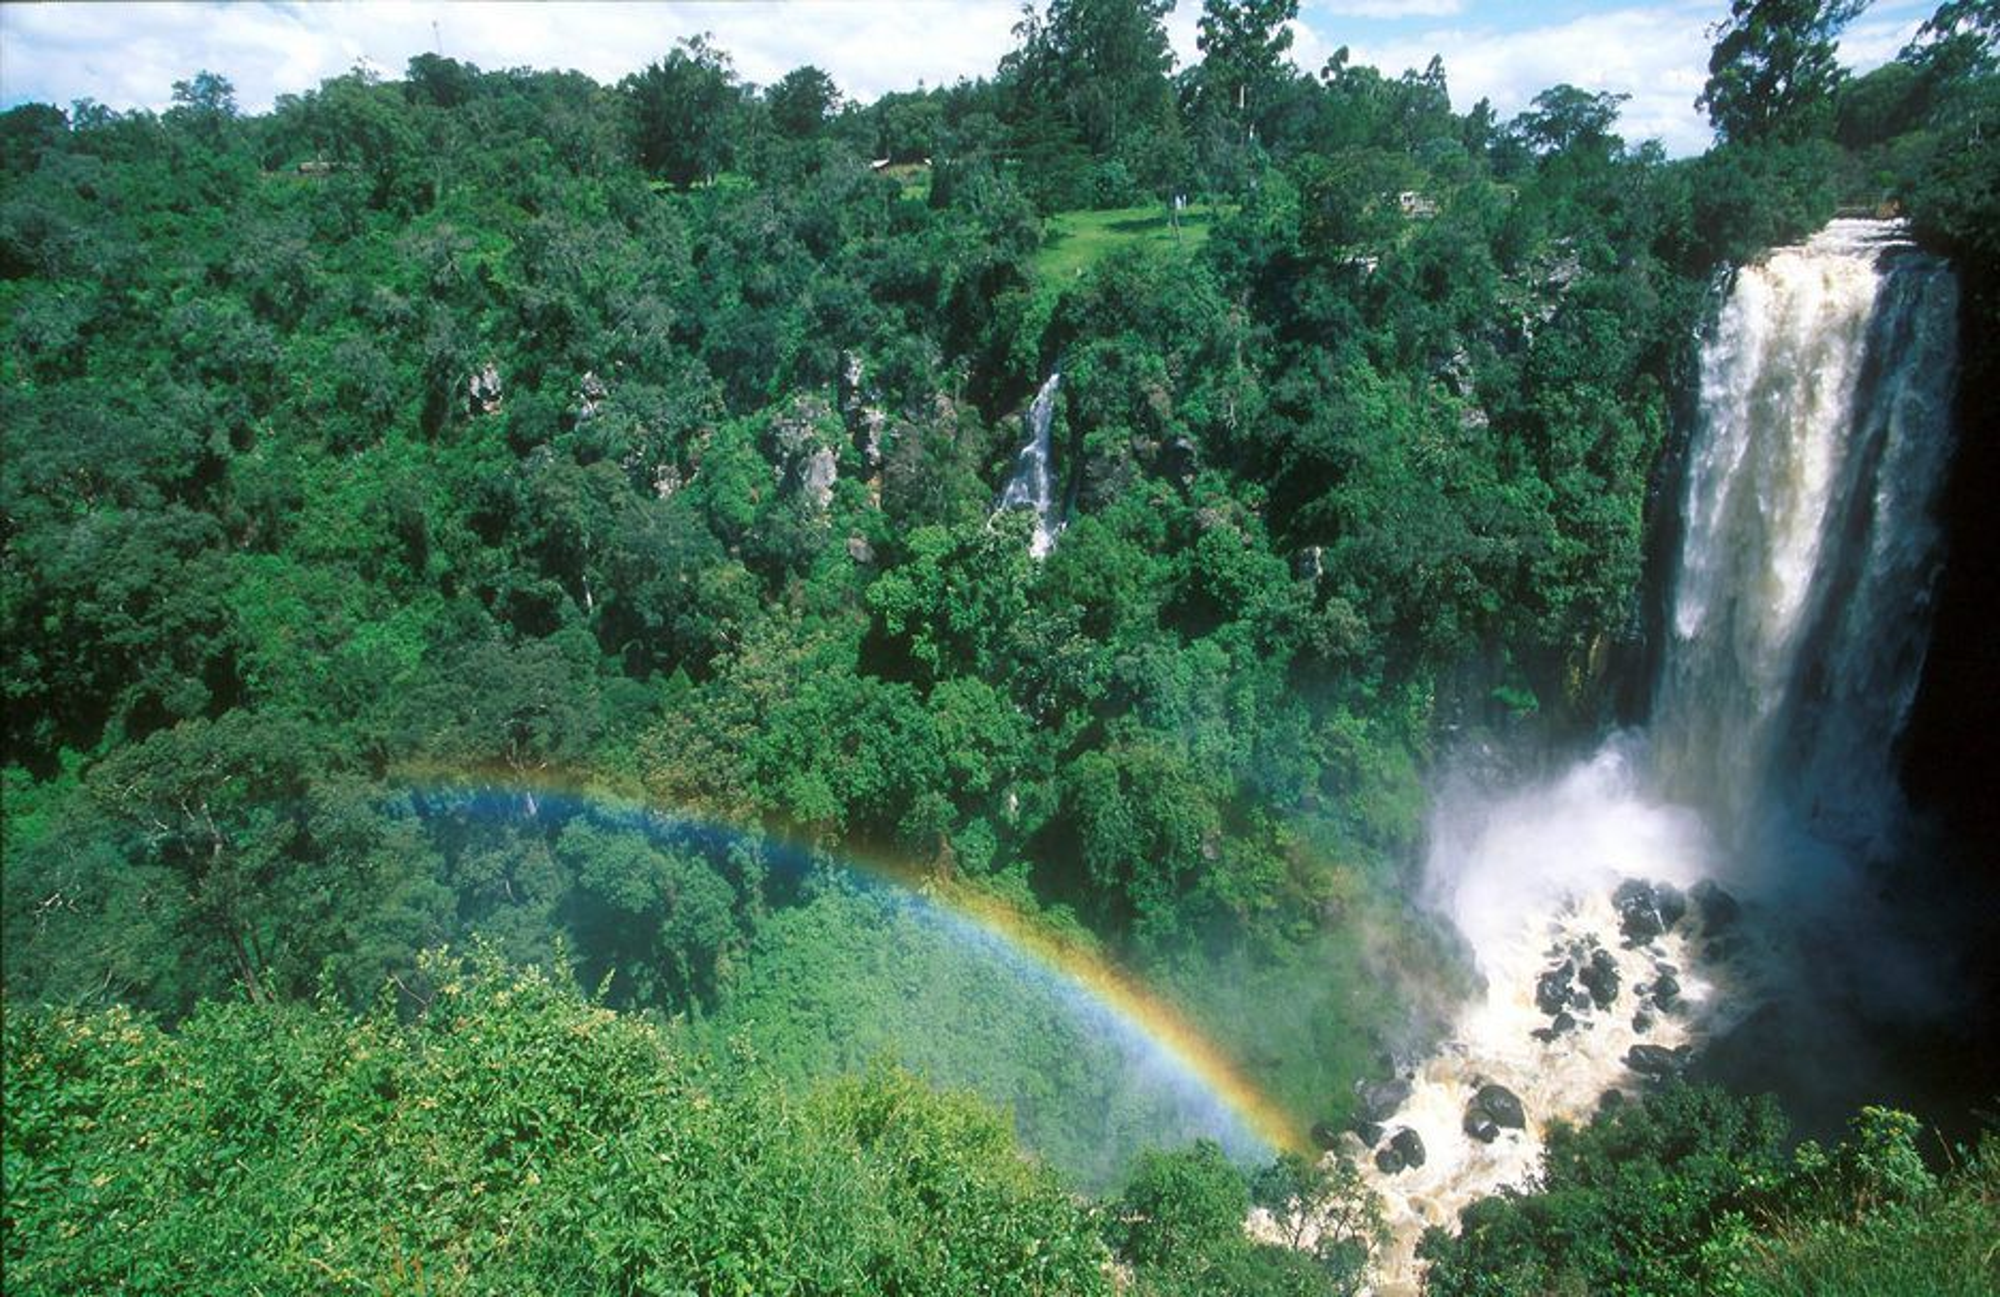 KAMP: Tropiske utviklingsland har ofte stort naturmangfold. Men det er rike industriland som har penger og teknologi til å utnytte dette genetiske materialet kommersielt.